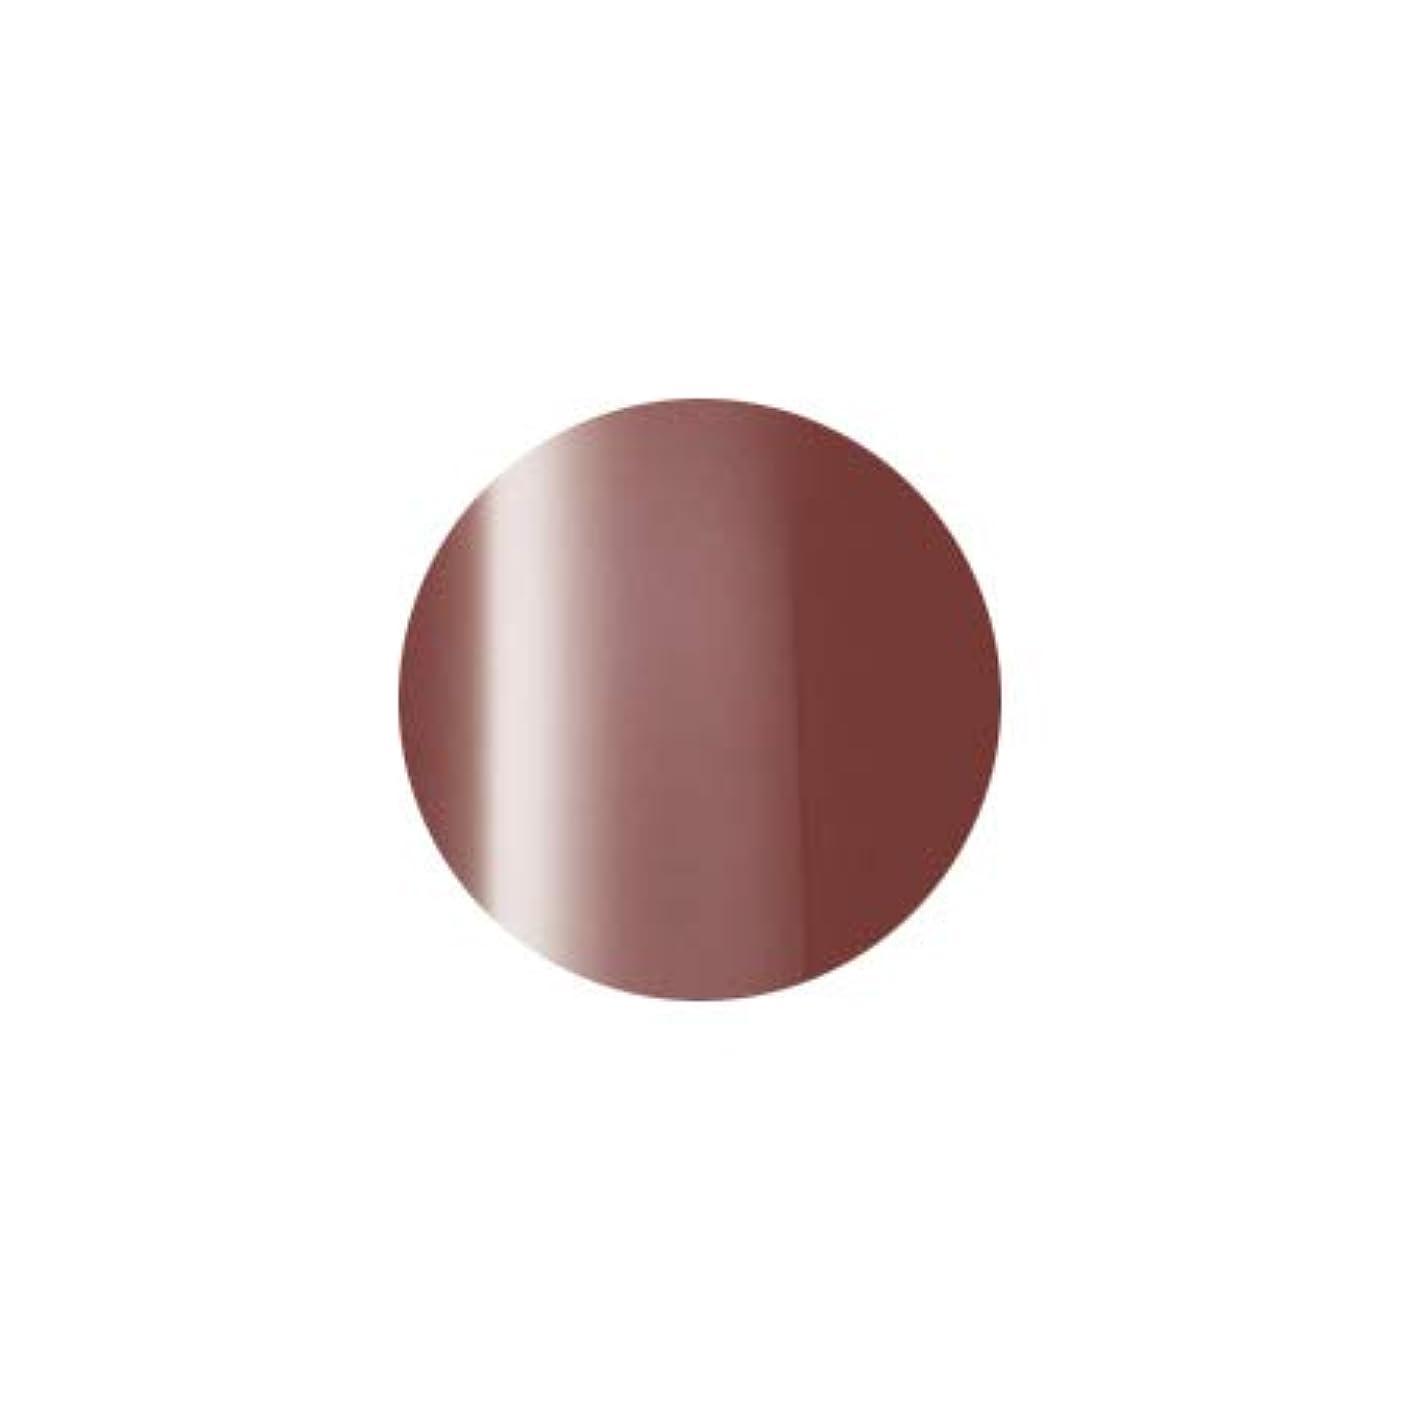 球状増幅無効にするPresto プレスト カラージェルミニ JC-58 2.7g